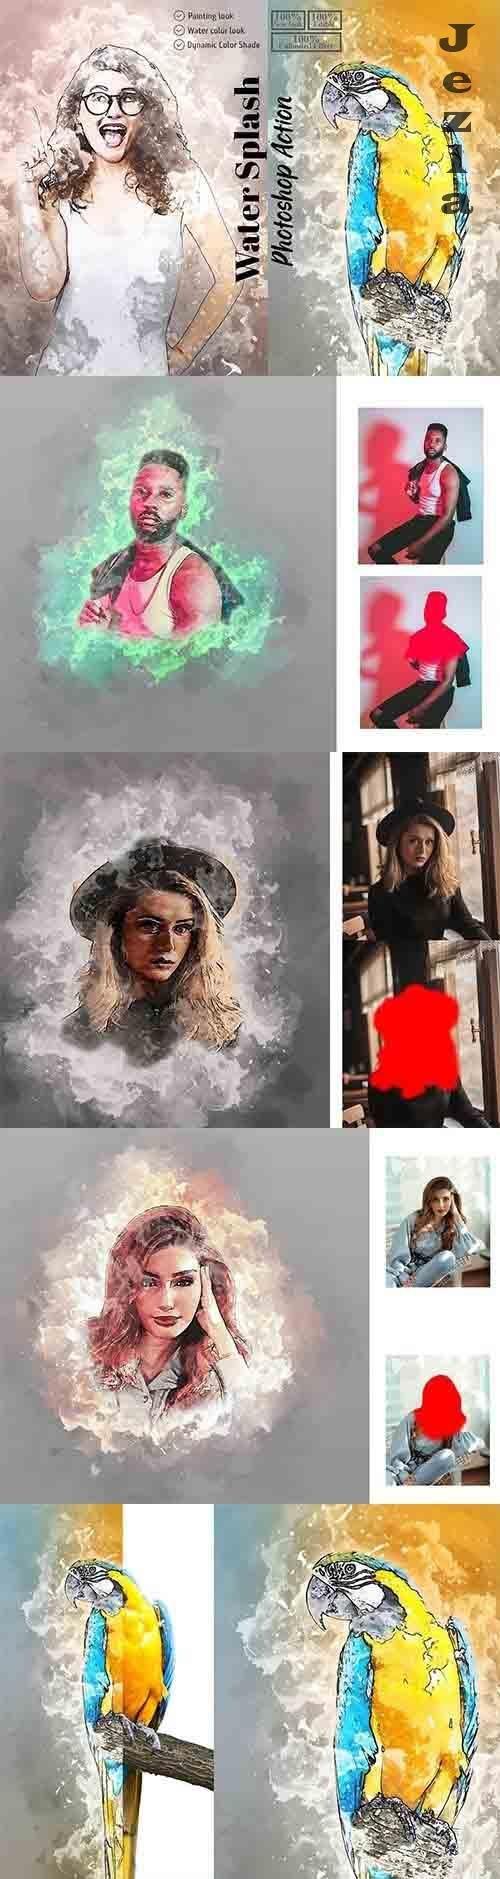 CreativeMarket - Water Splash Photoshop Action 5853025